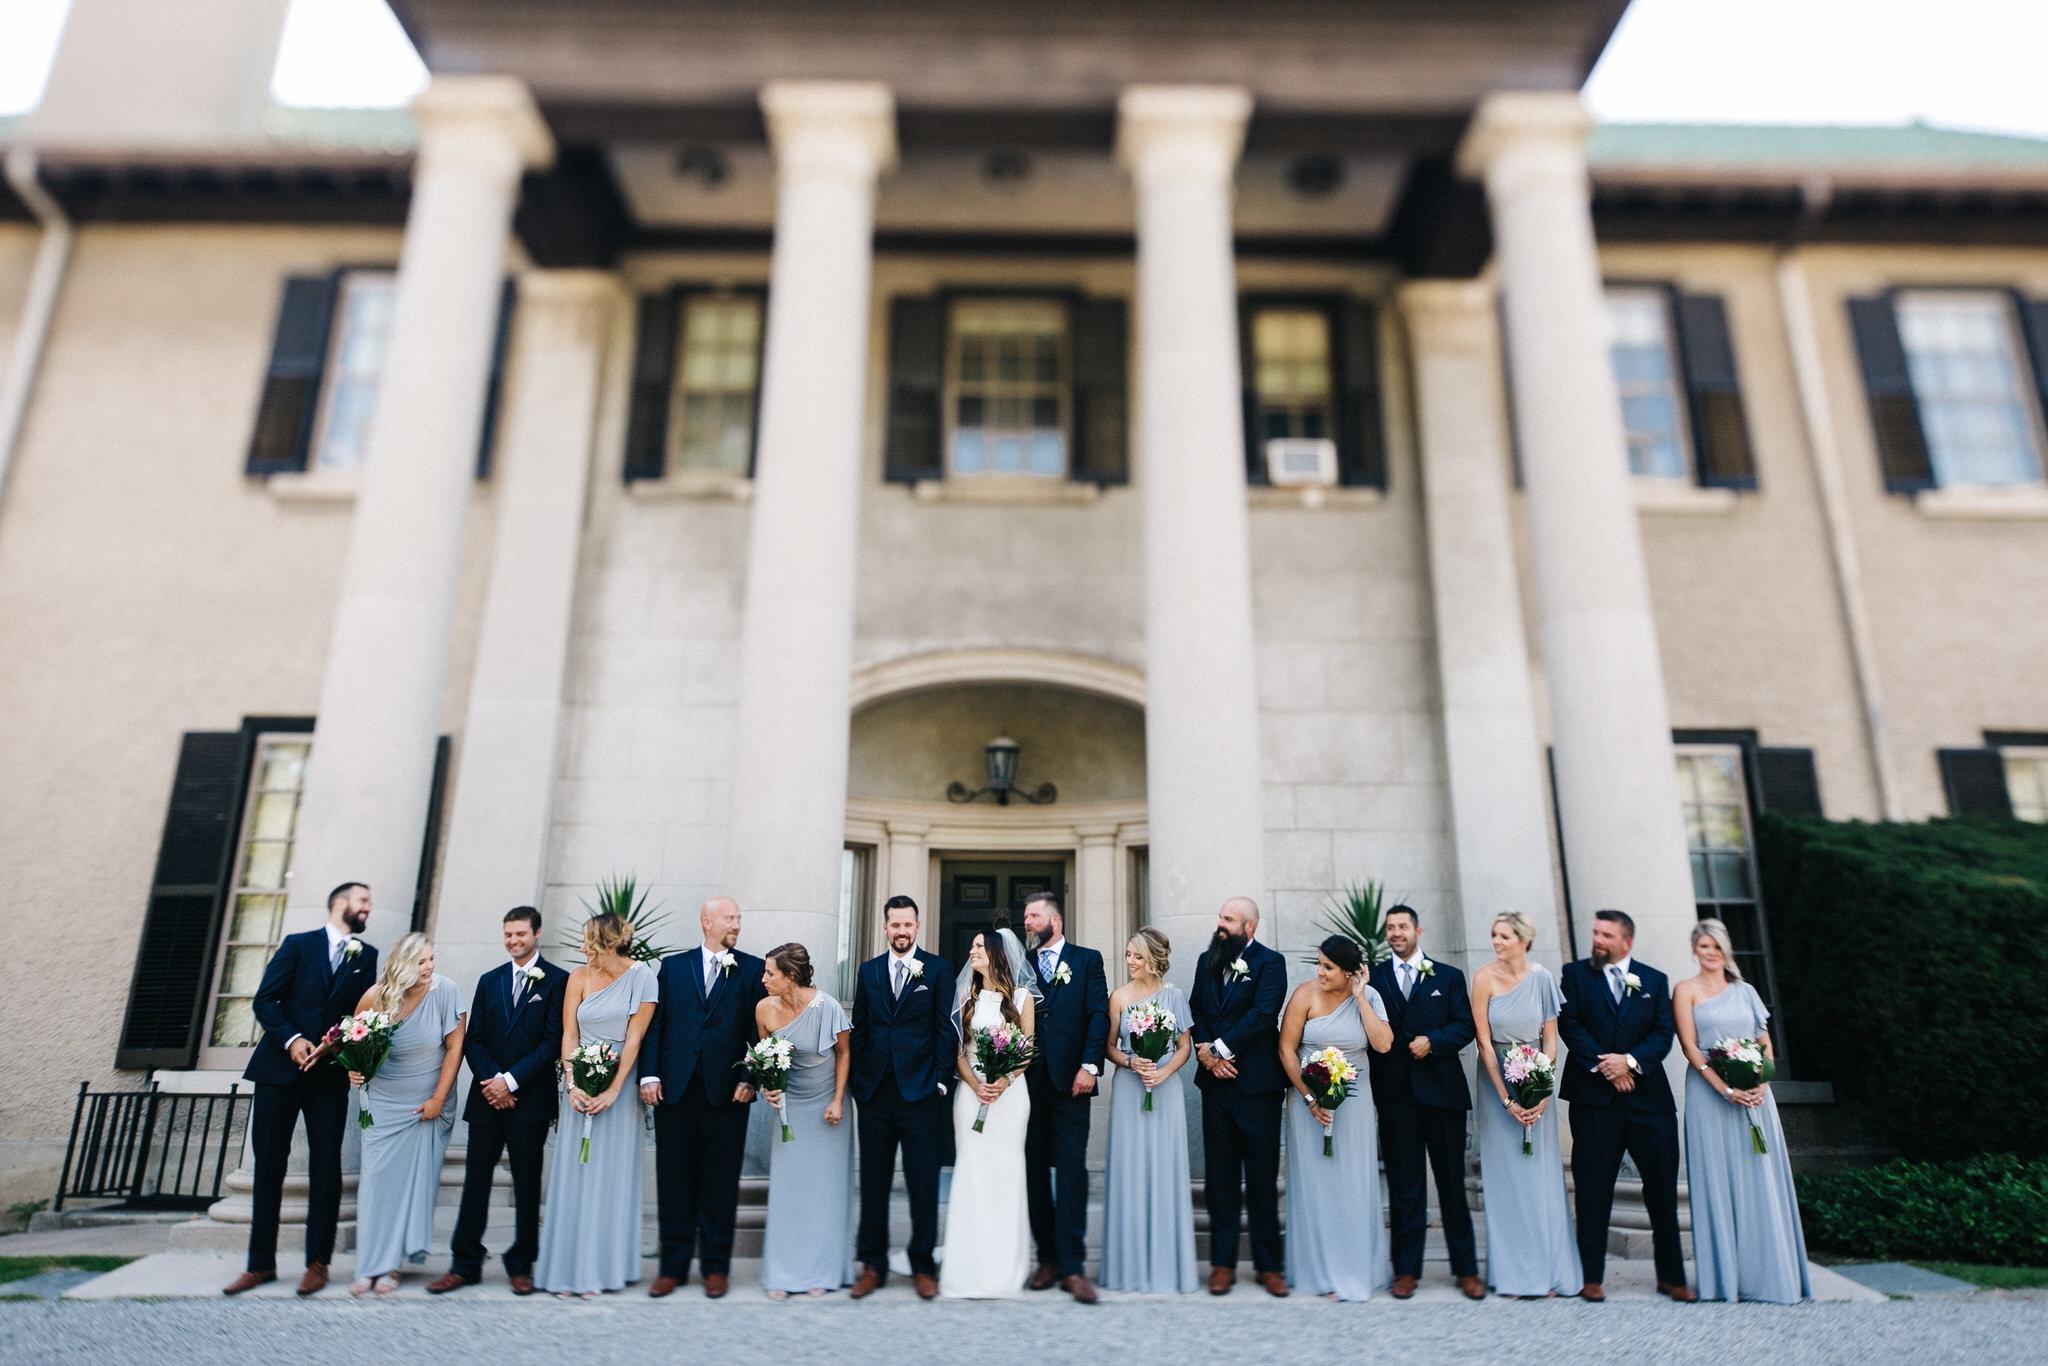 St. George Anglican Oshawa, Toronto wedding photographer, parkwood estates oshawa, wedding party